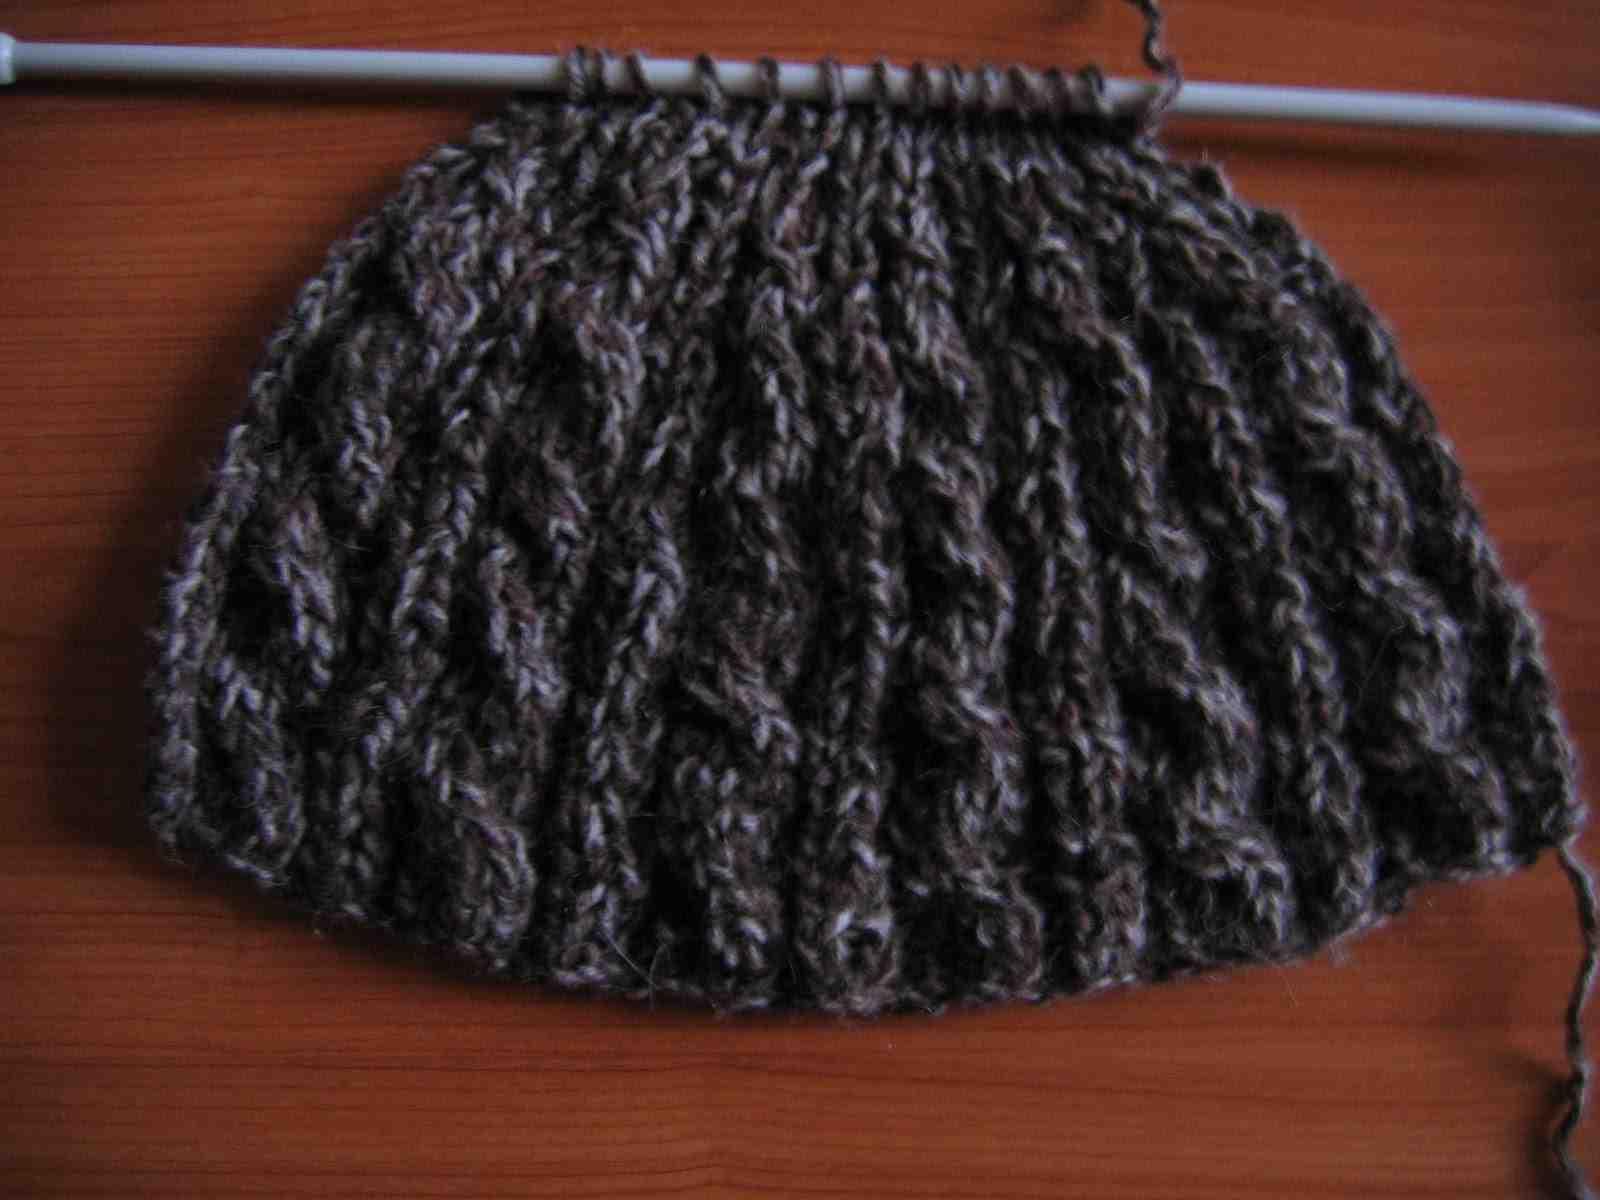 Comment faire des diminutions pour un chapeau?